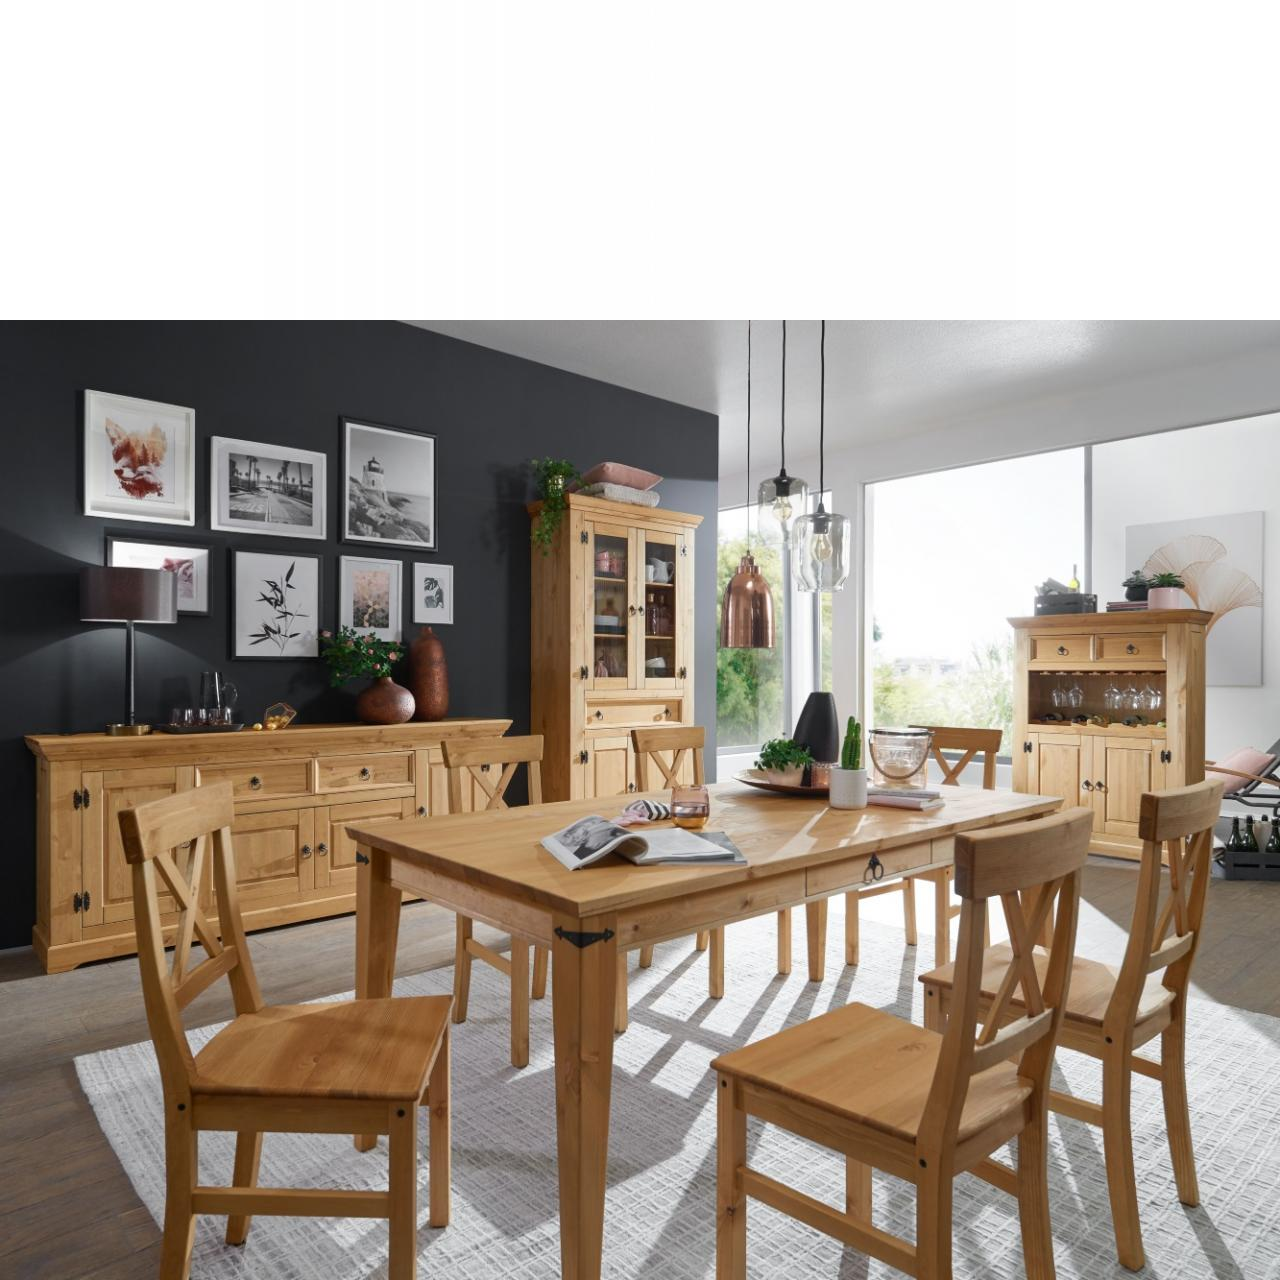 Esstisch WZ-8 Kiefer Massiv Eichefarbig 8x8 Küchentisch Tisch Küche